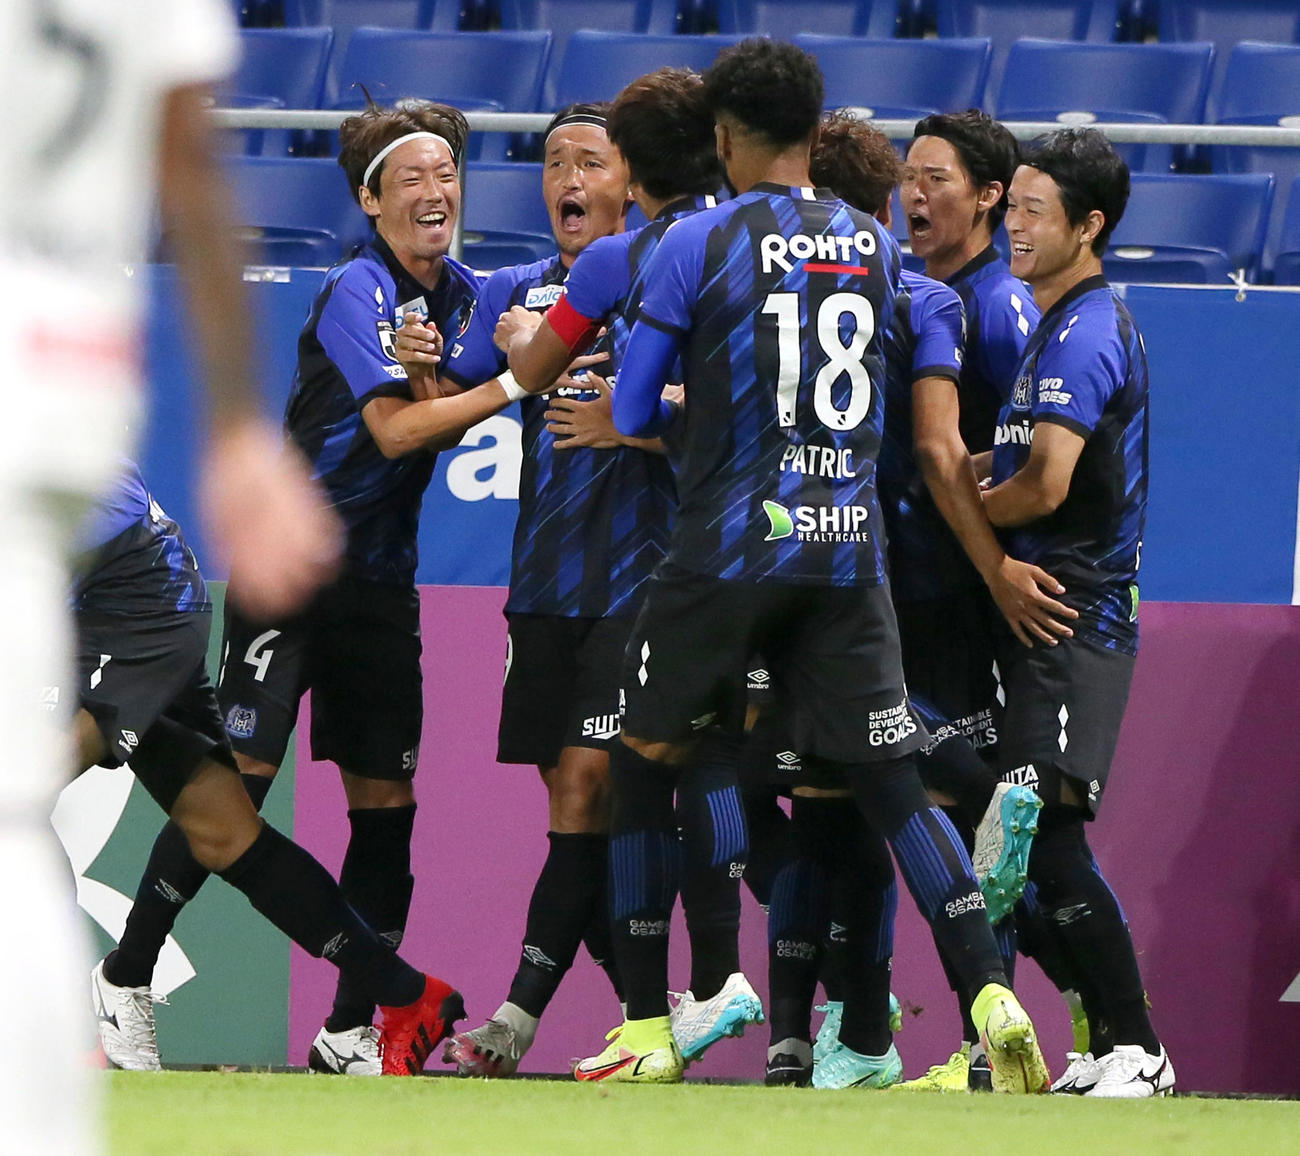 G大阪対柏 前半、G大阪宇佐美(左から2人目)は先制ゴールを決めて祝福を受ける(撮影・上山淳一)